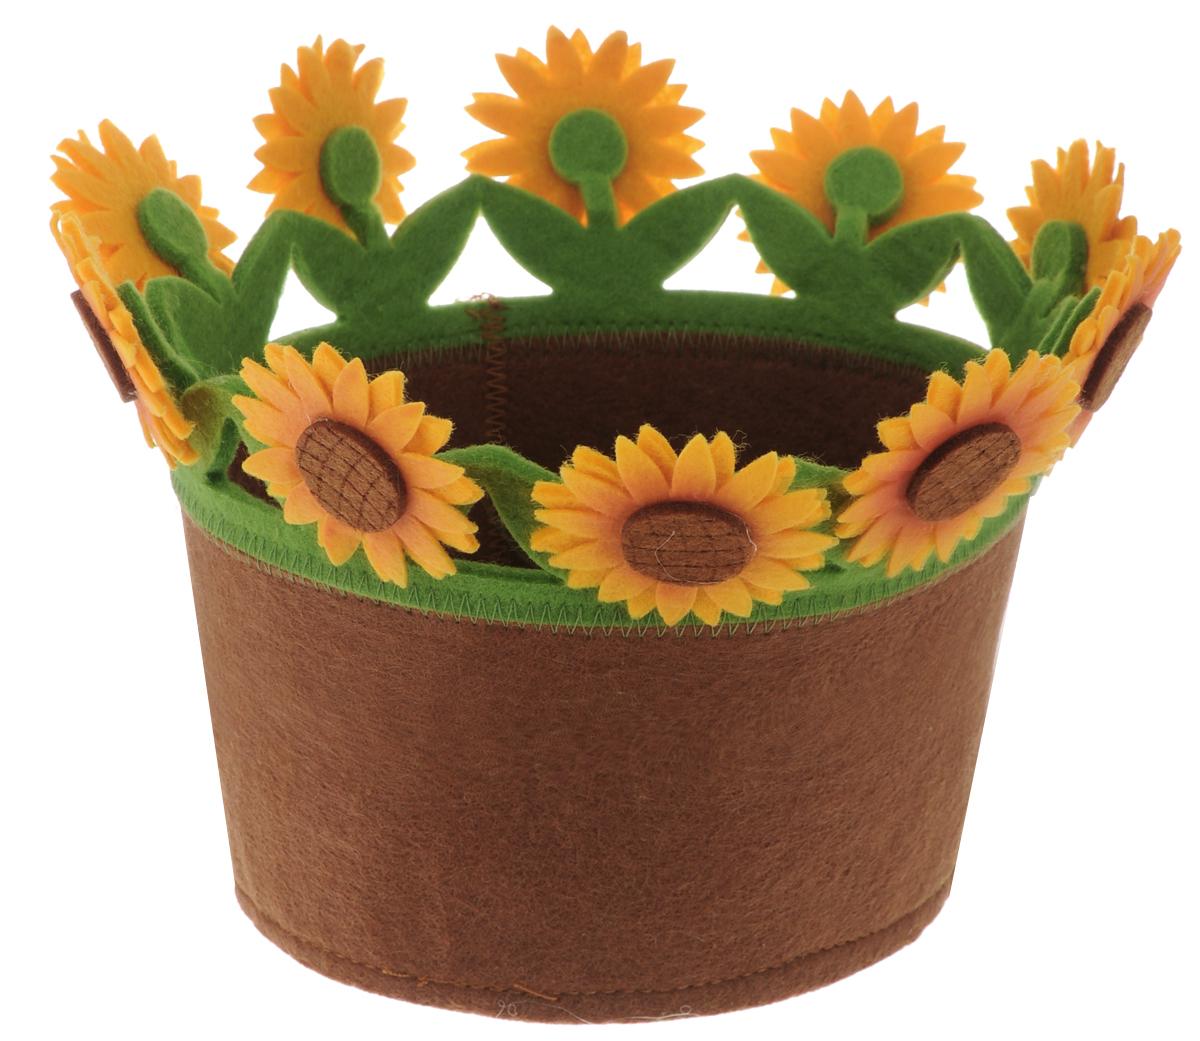 Украшение декоративное RTO Корзинка, цвет: коричневый, зеленый, оранжевый - RTO / РТОHQC-16-4811Декоративное украшение RTO Корзинка, изготовленное из фетра, предназначено для украшения интерьера и сервировки стола. Оно послужит приятным и полезным сувениром для близких и знакомых и, несомненно, доставит массу положительных эмоций своему обладателю. Диаметр корзинки (по верхнему краю): 18 см. Высота стенок: 18 см.